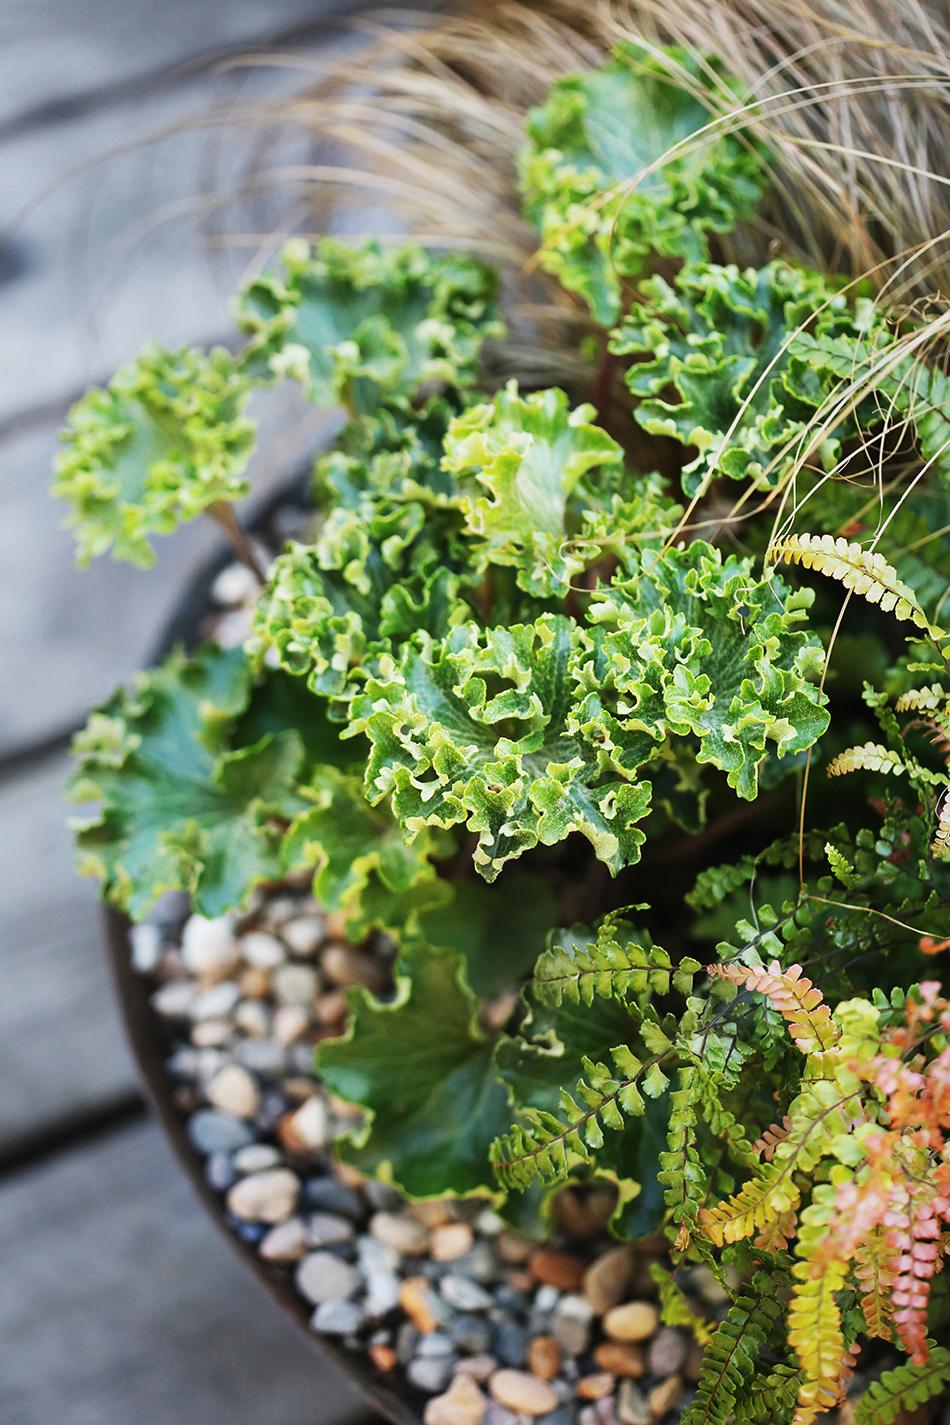 Krukplantering med gräs, bladväxt och dekorativa stenar